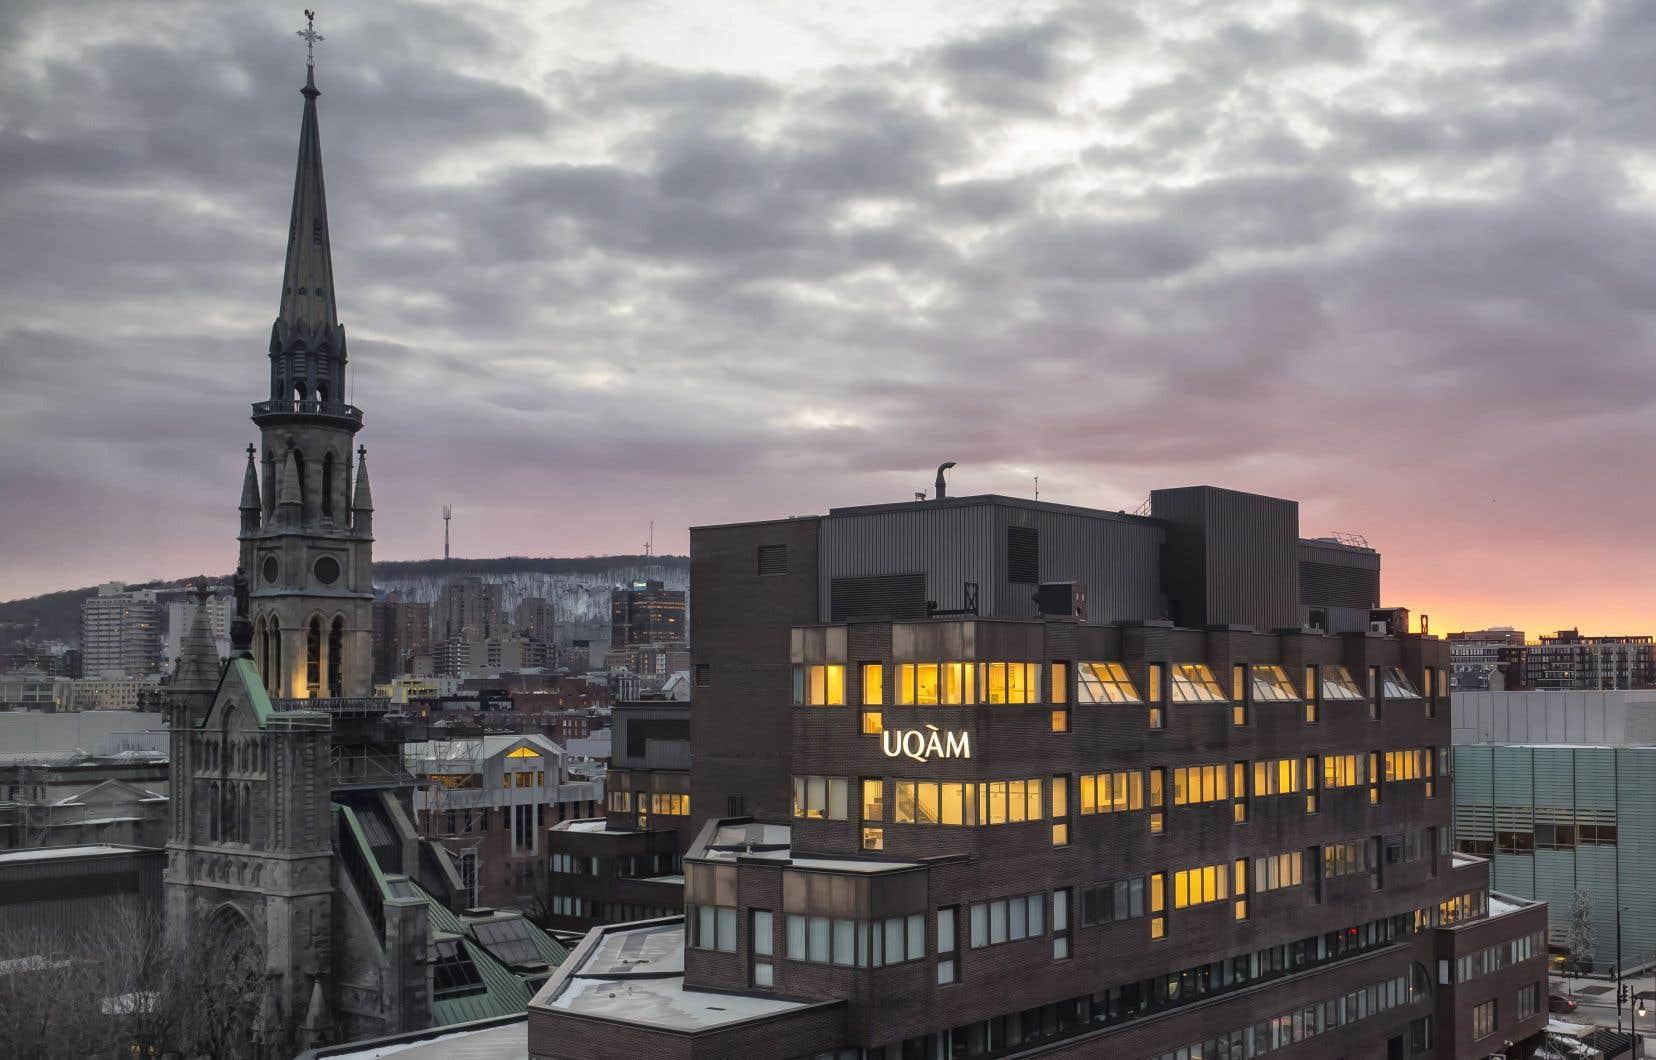 En matière de patrimoine urbain et architectural, l'UQAM n'a de leçon à recevoir de personne. Son campus central est l'un des tout premiers exemples d'intégration réussie de l'architecture ancienne à l'architecture moderne, récompensé par un Prix d'excellence de l'Ordre des architectes en 1980, affirme l'autrice.